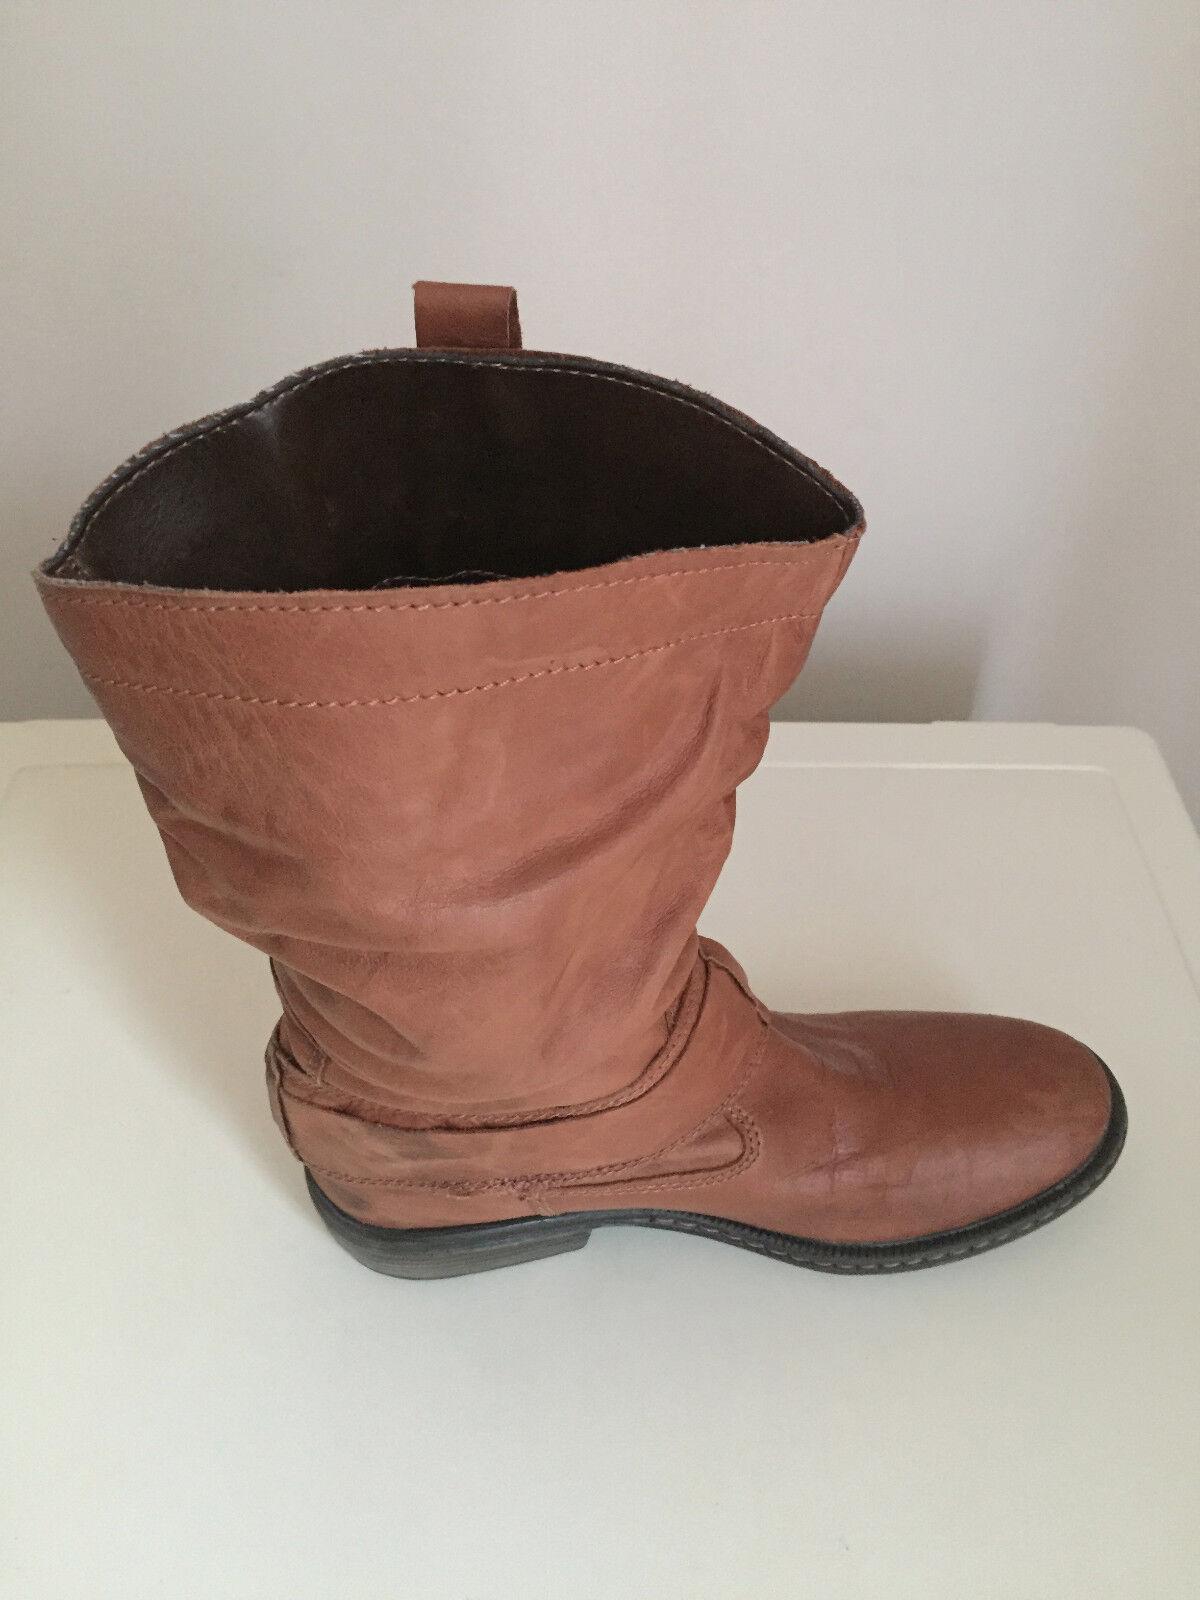 Damens Next Ankle Soft Leder 5  Stiefel Tan Größe 5 Leder 577f78